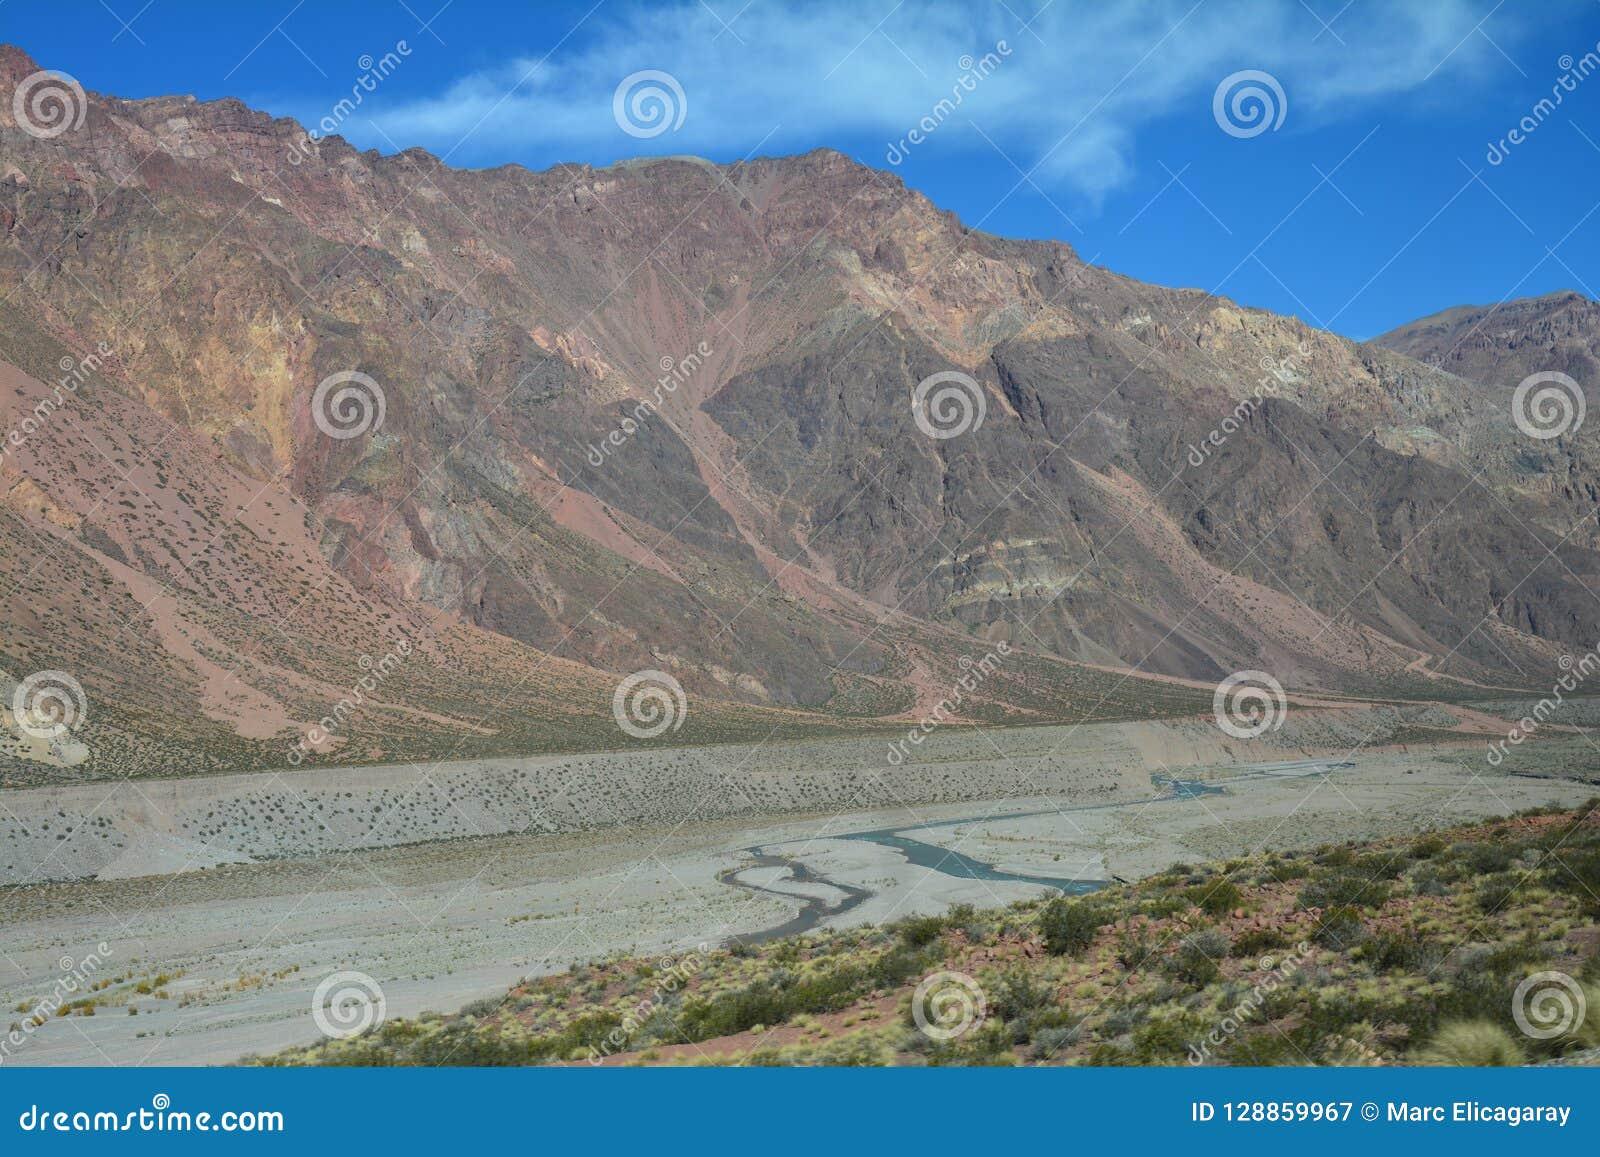 Szenische Straße in den Anden-Bergen zwischen Chile und Argentinien